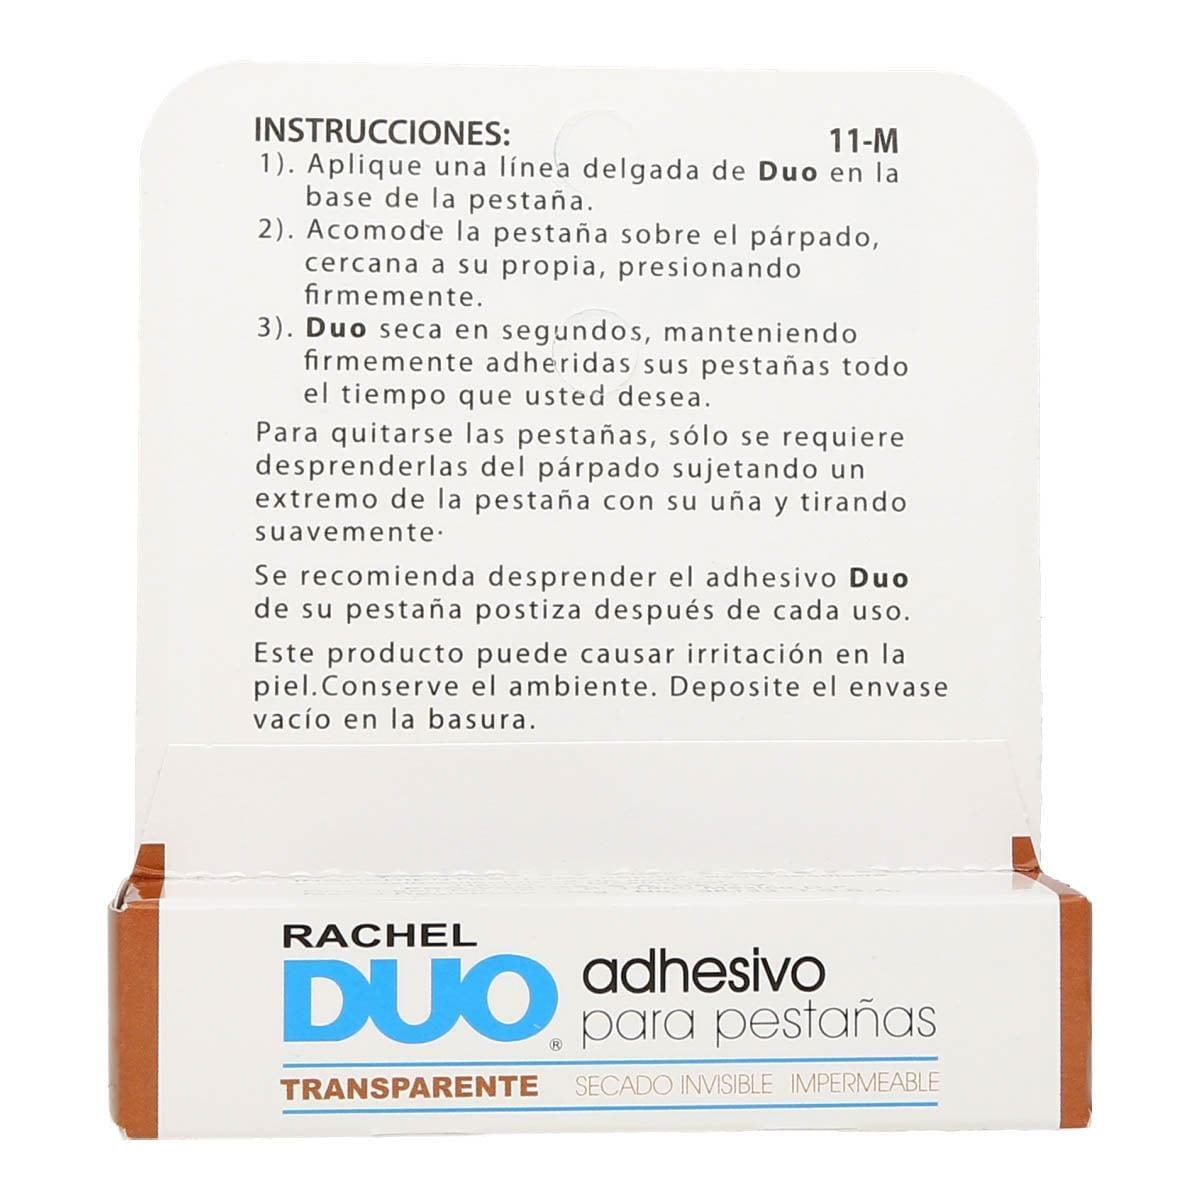 Adhesivo Transparente Rachel Duo 11-M